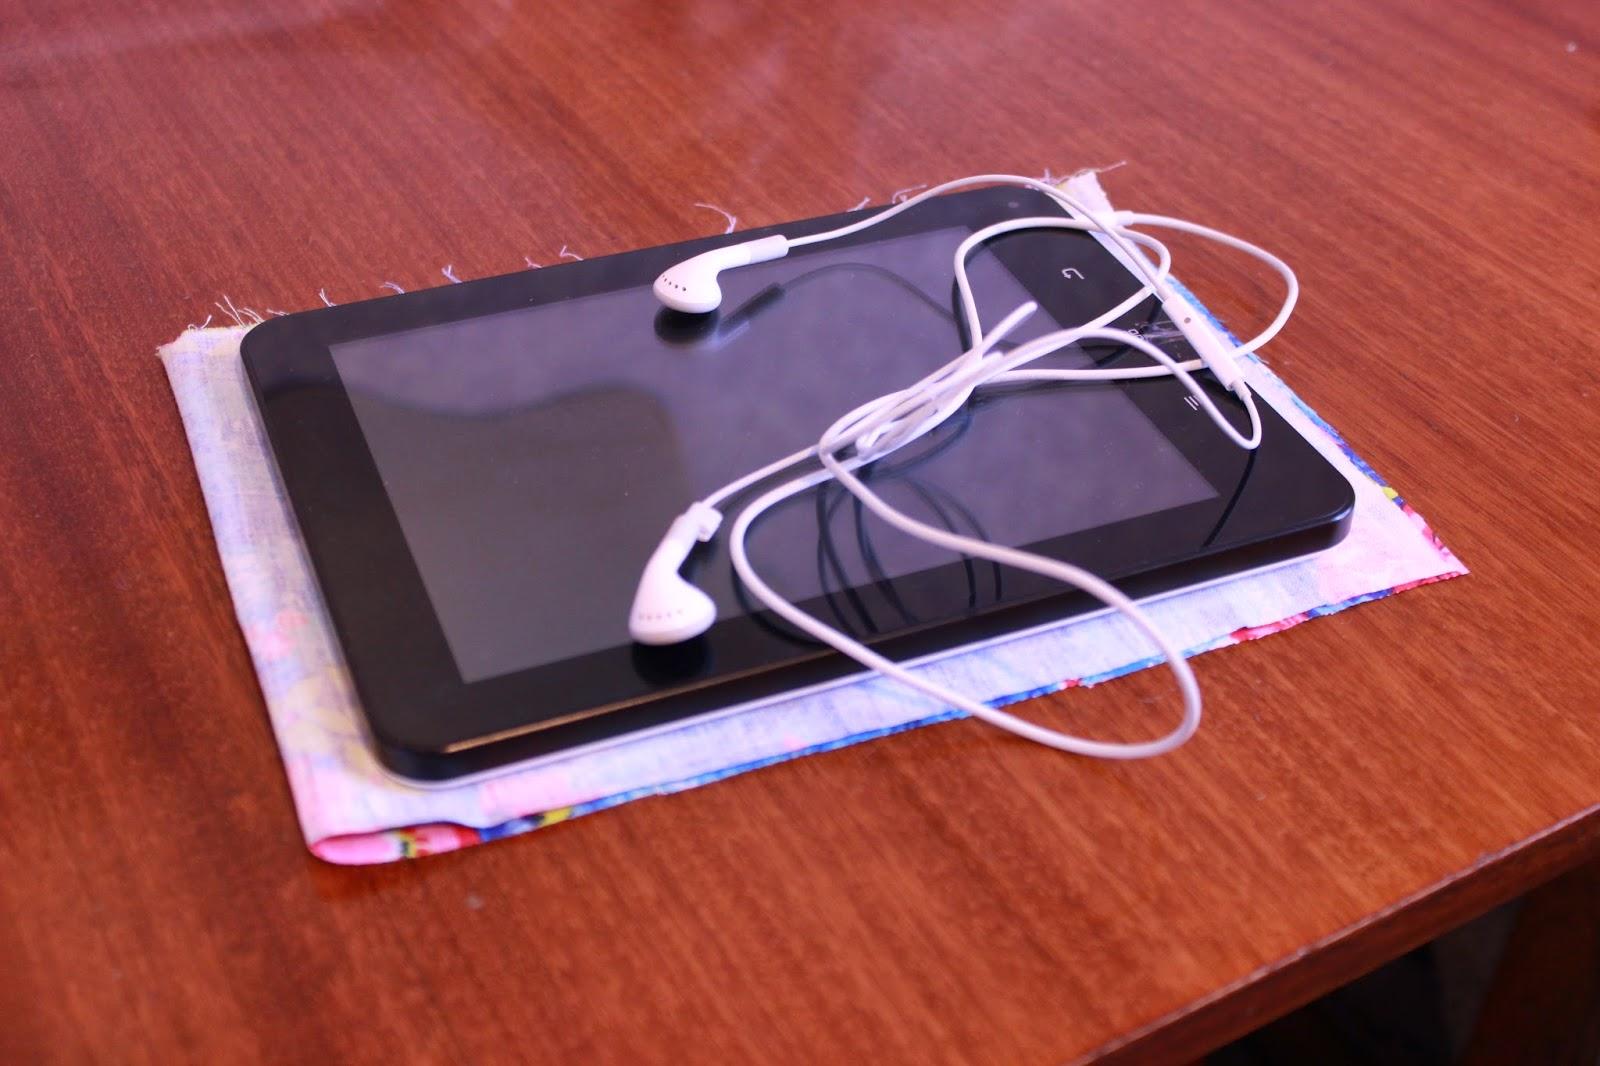 Подставка для планшета, Подставка для телефона, Подставка для айфона, мк, мастер-класс, подставка своими руками, сделай сам, хендмейд, рукоделие